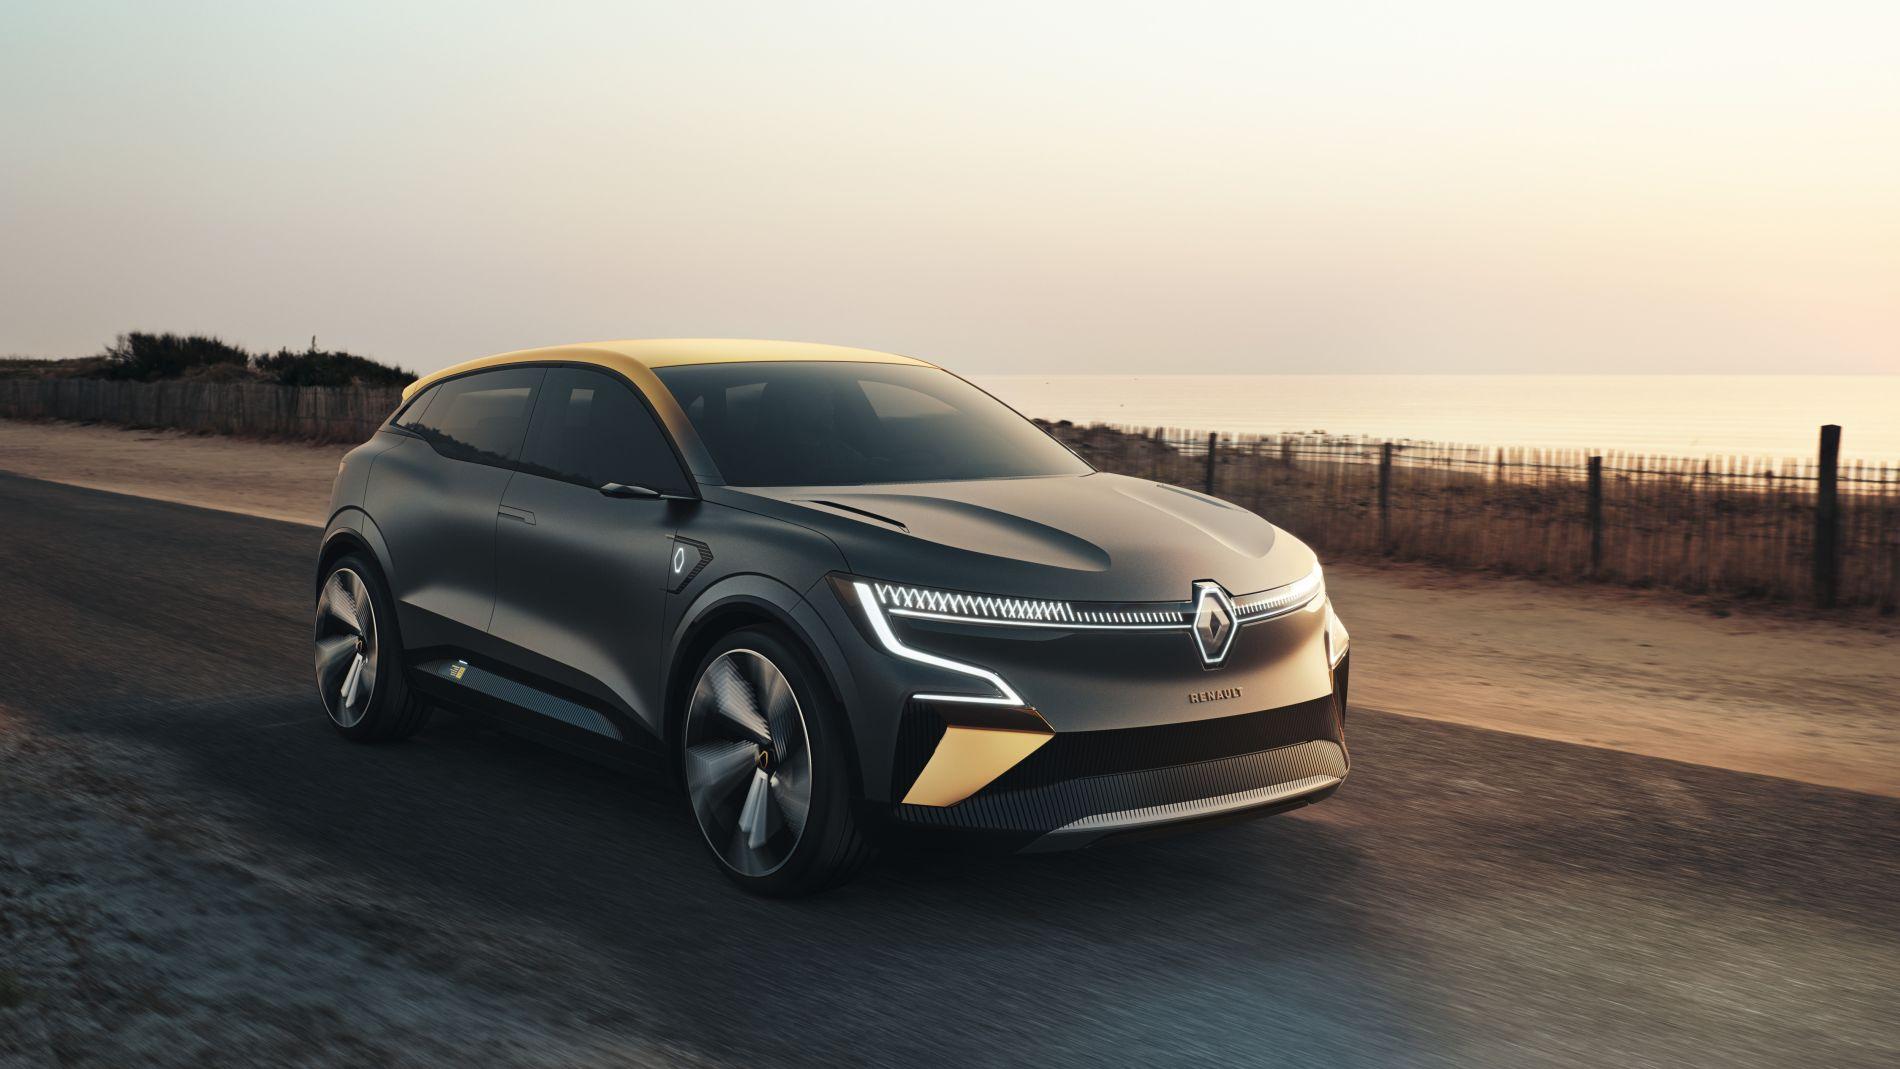 Renault Megane eVision - 217 CP și 450 de km autonomie